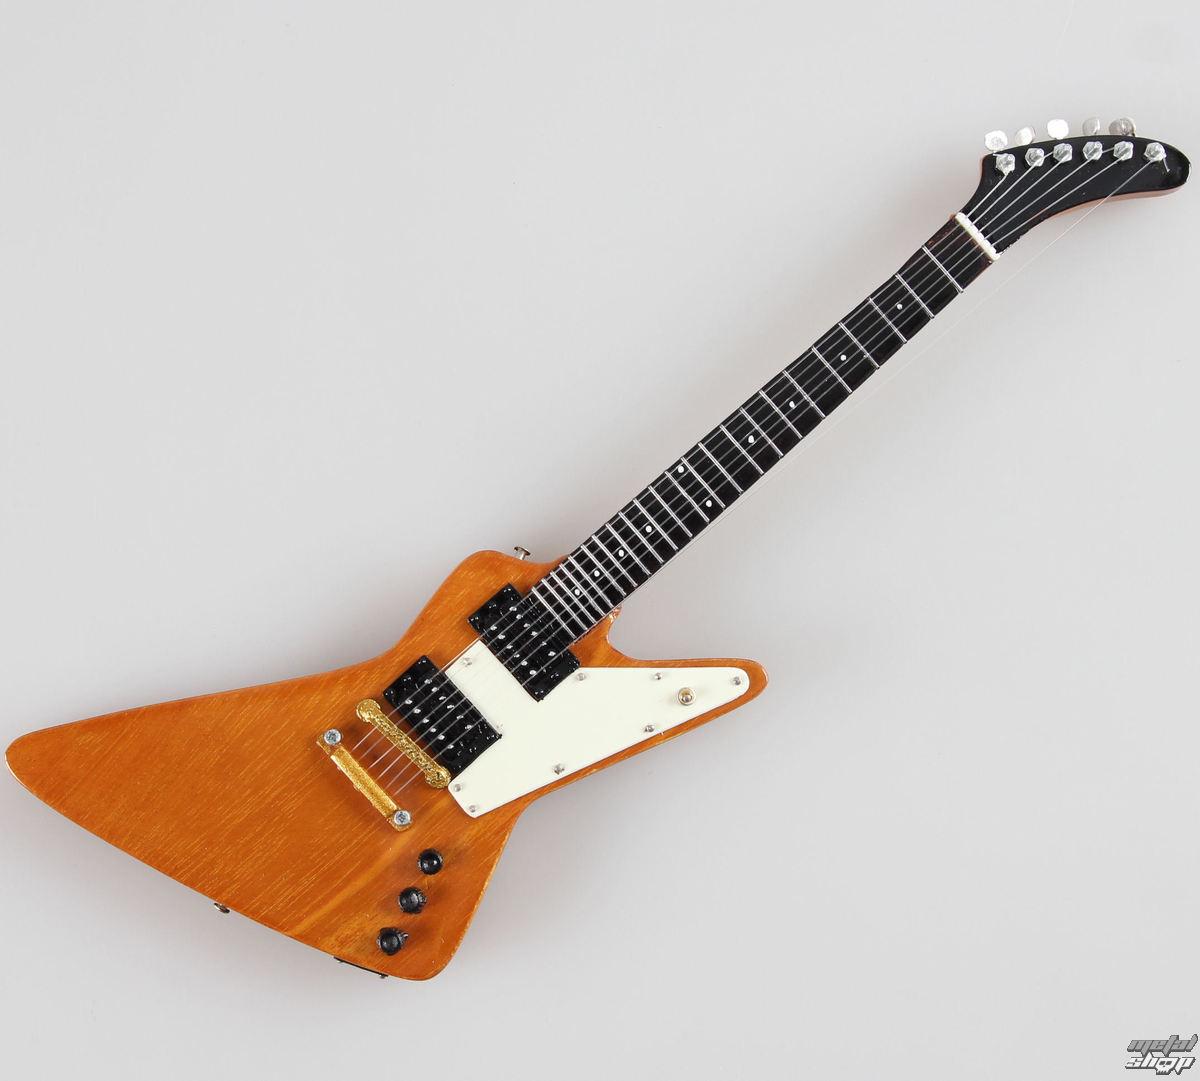 gitara U2 - Bono Explorer Edge 1 - MINI GUITAR USA - XPL Nat Wood